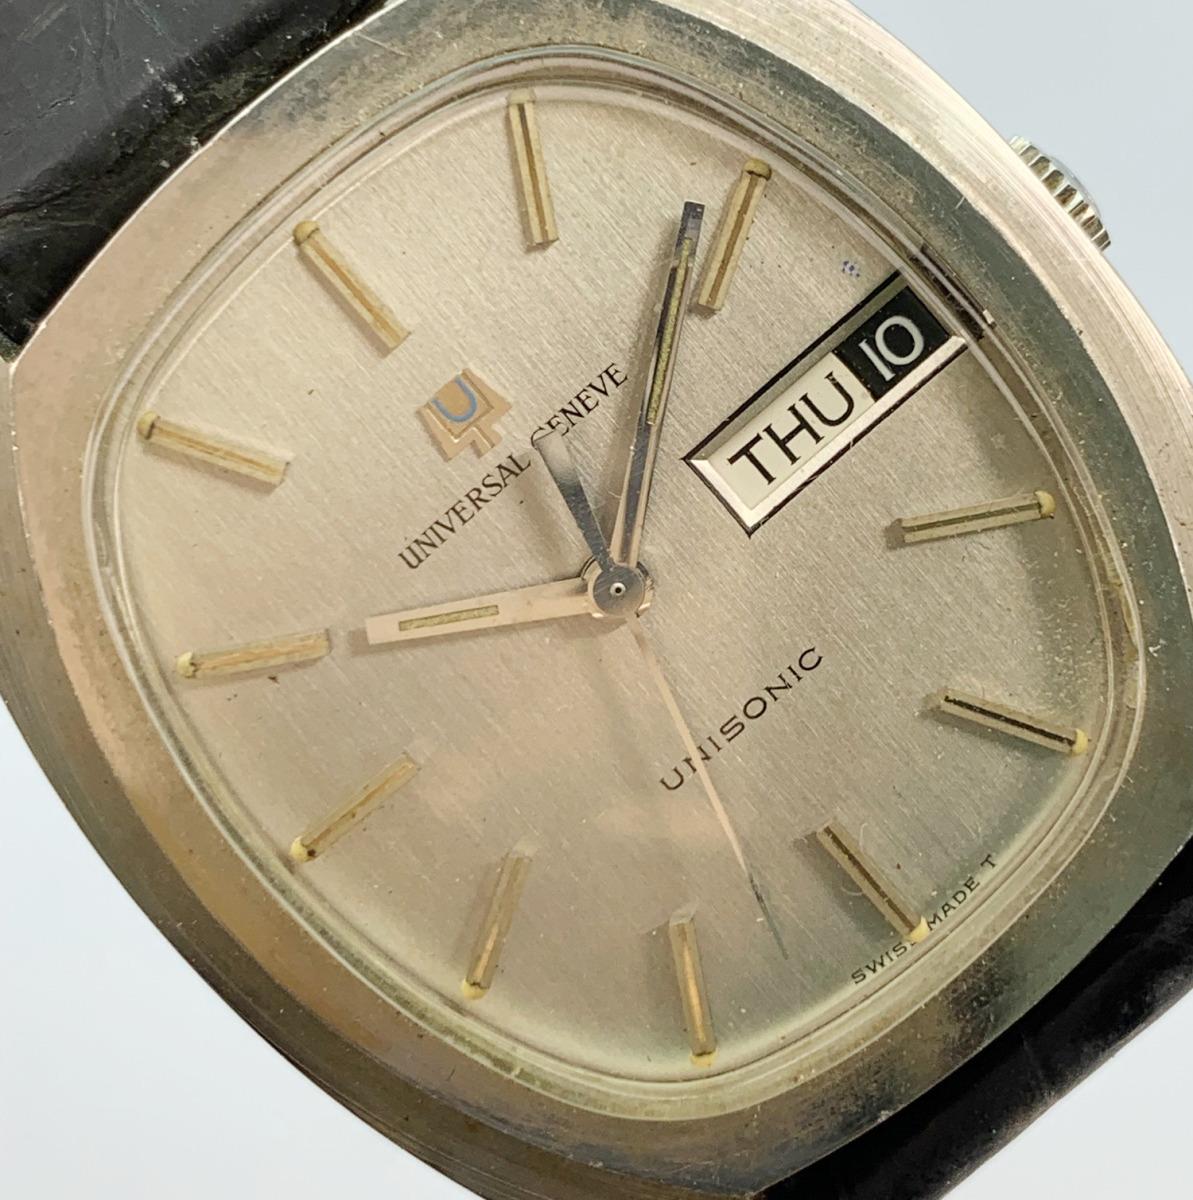 値下げ Universal Geneve ユニバーサルジュネーヴ 853106 Vintage Unisonic Men's Watch 音叉時計 メンズ U_画像9